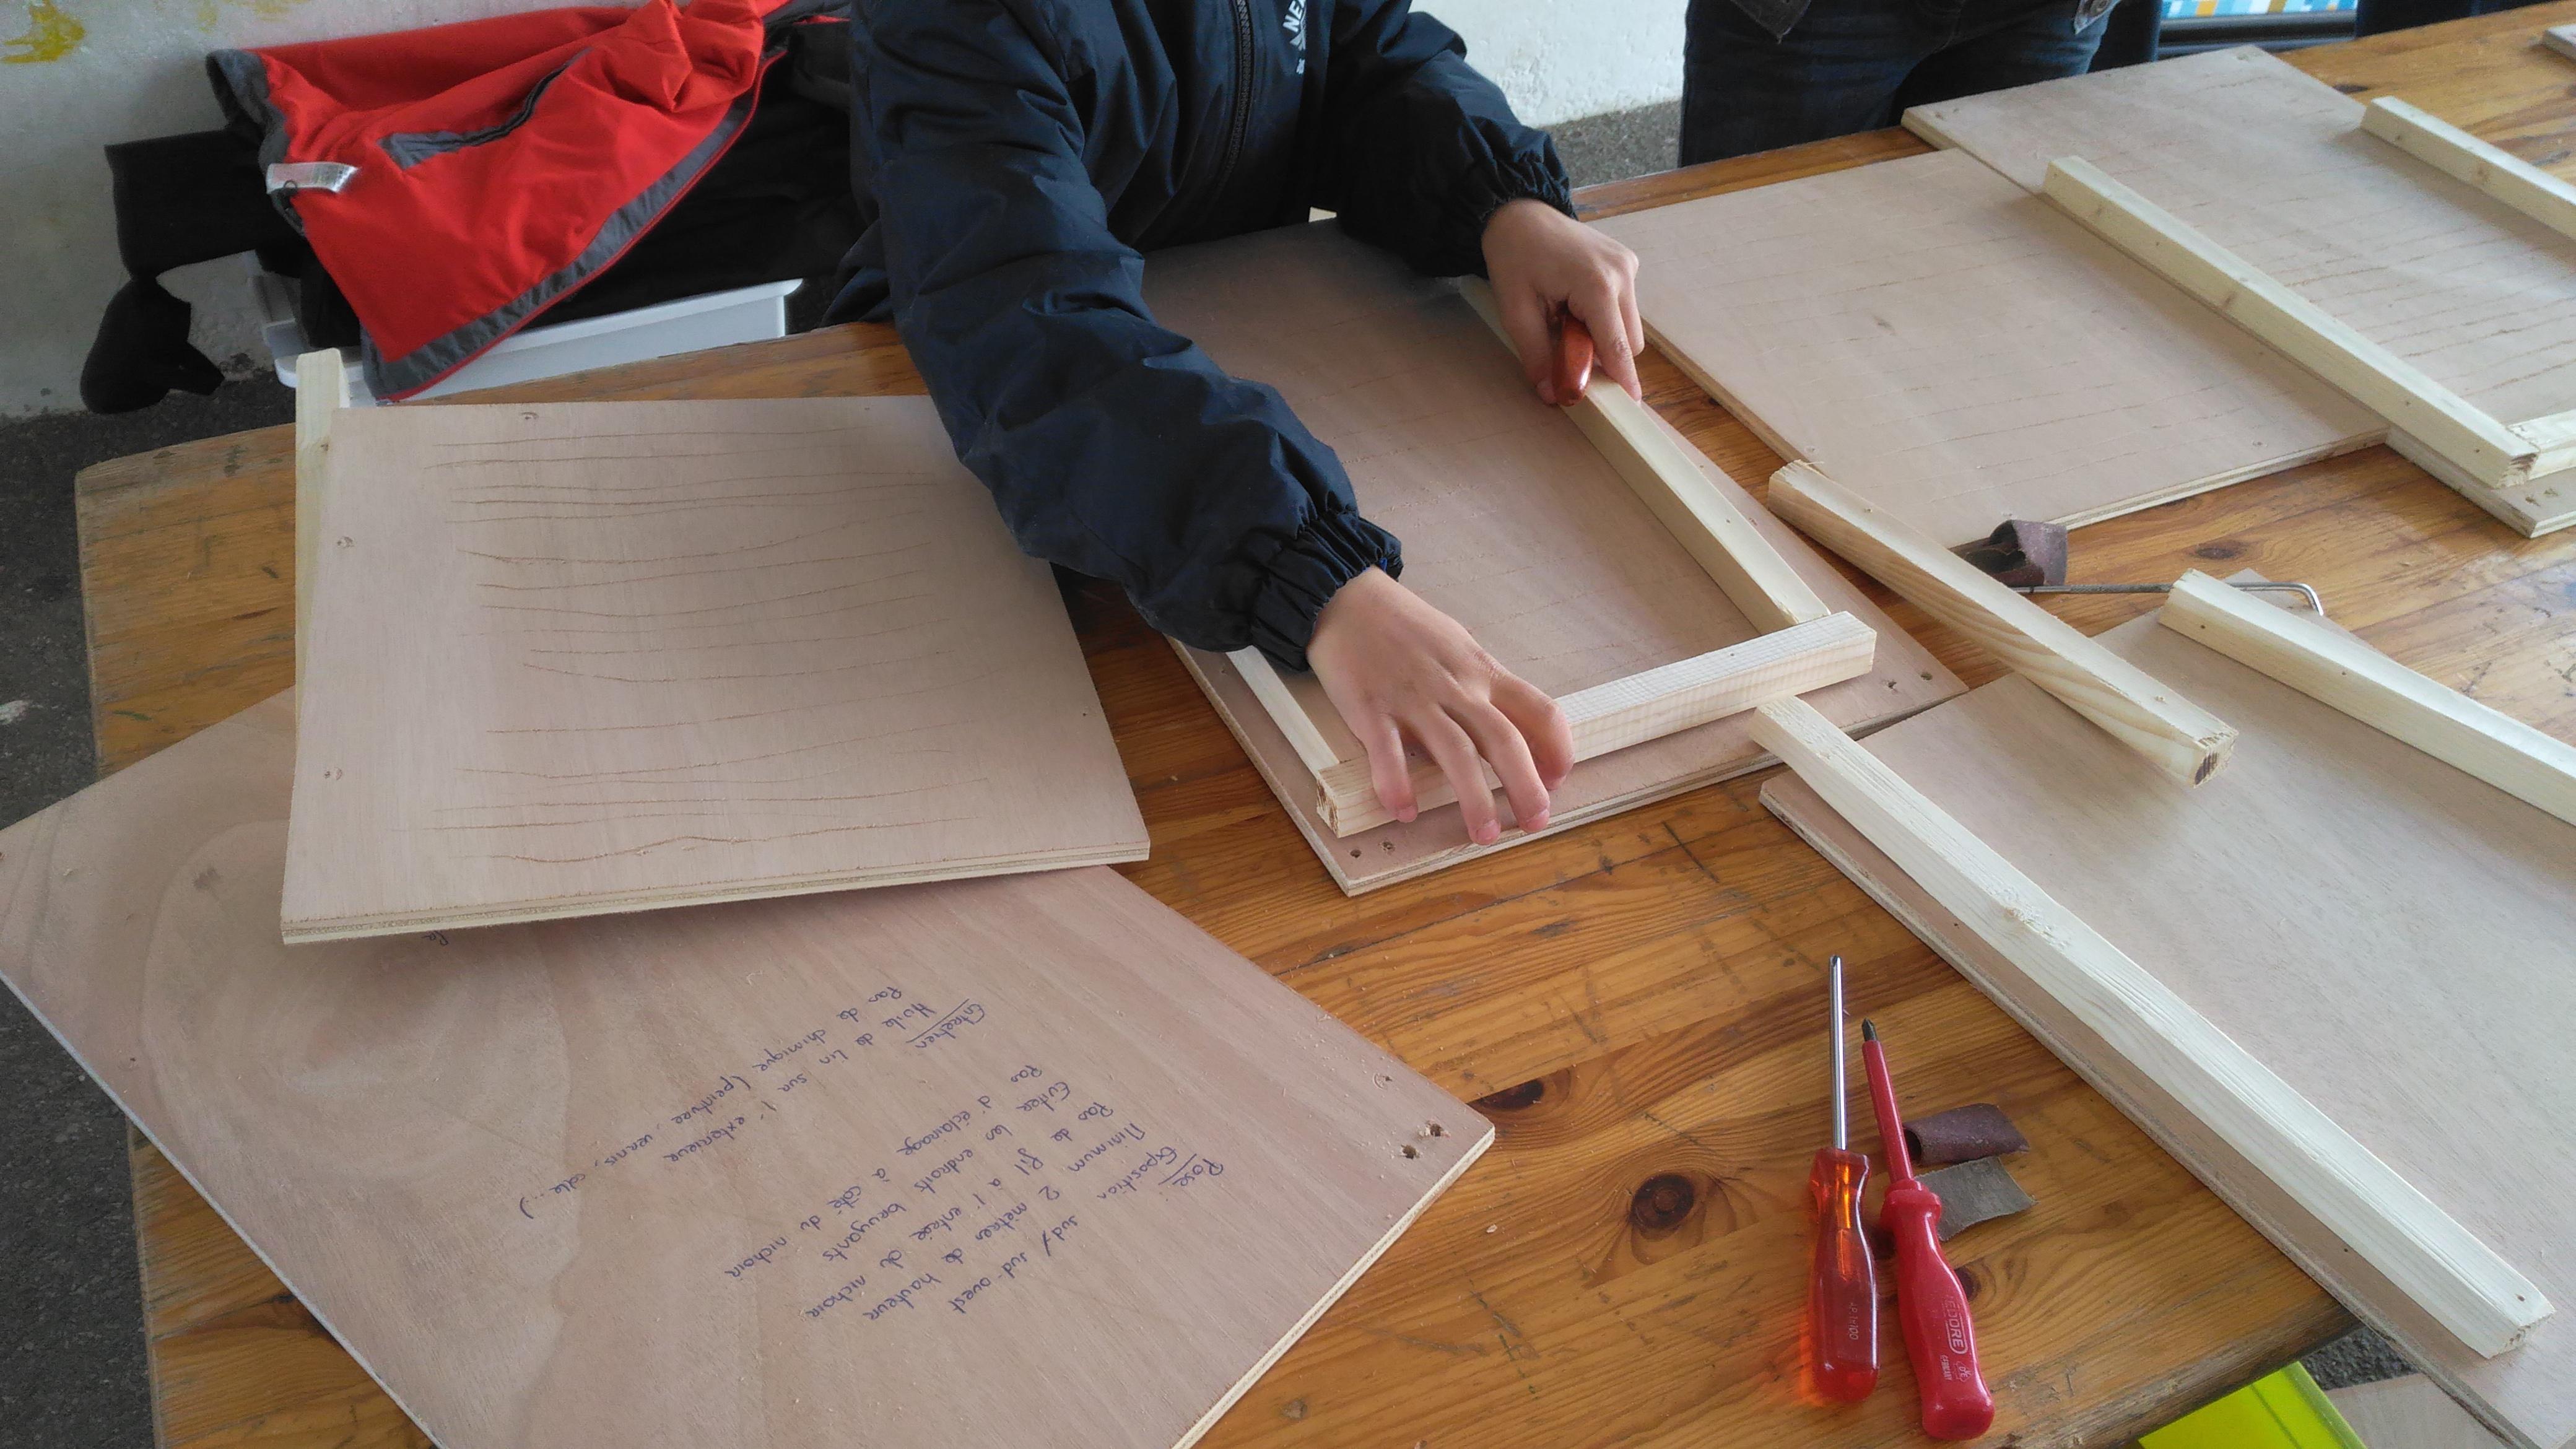 Comment Faire Un Abri Pour Le Bois fabriquer un abri pour chauves-souris   nature isère